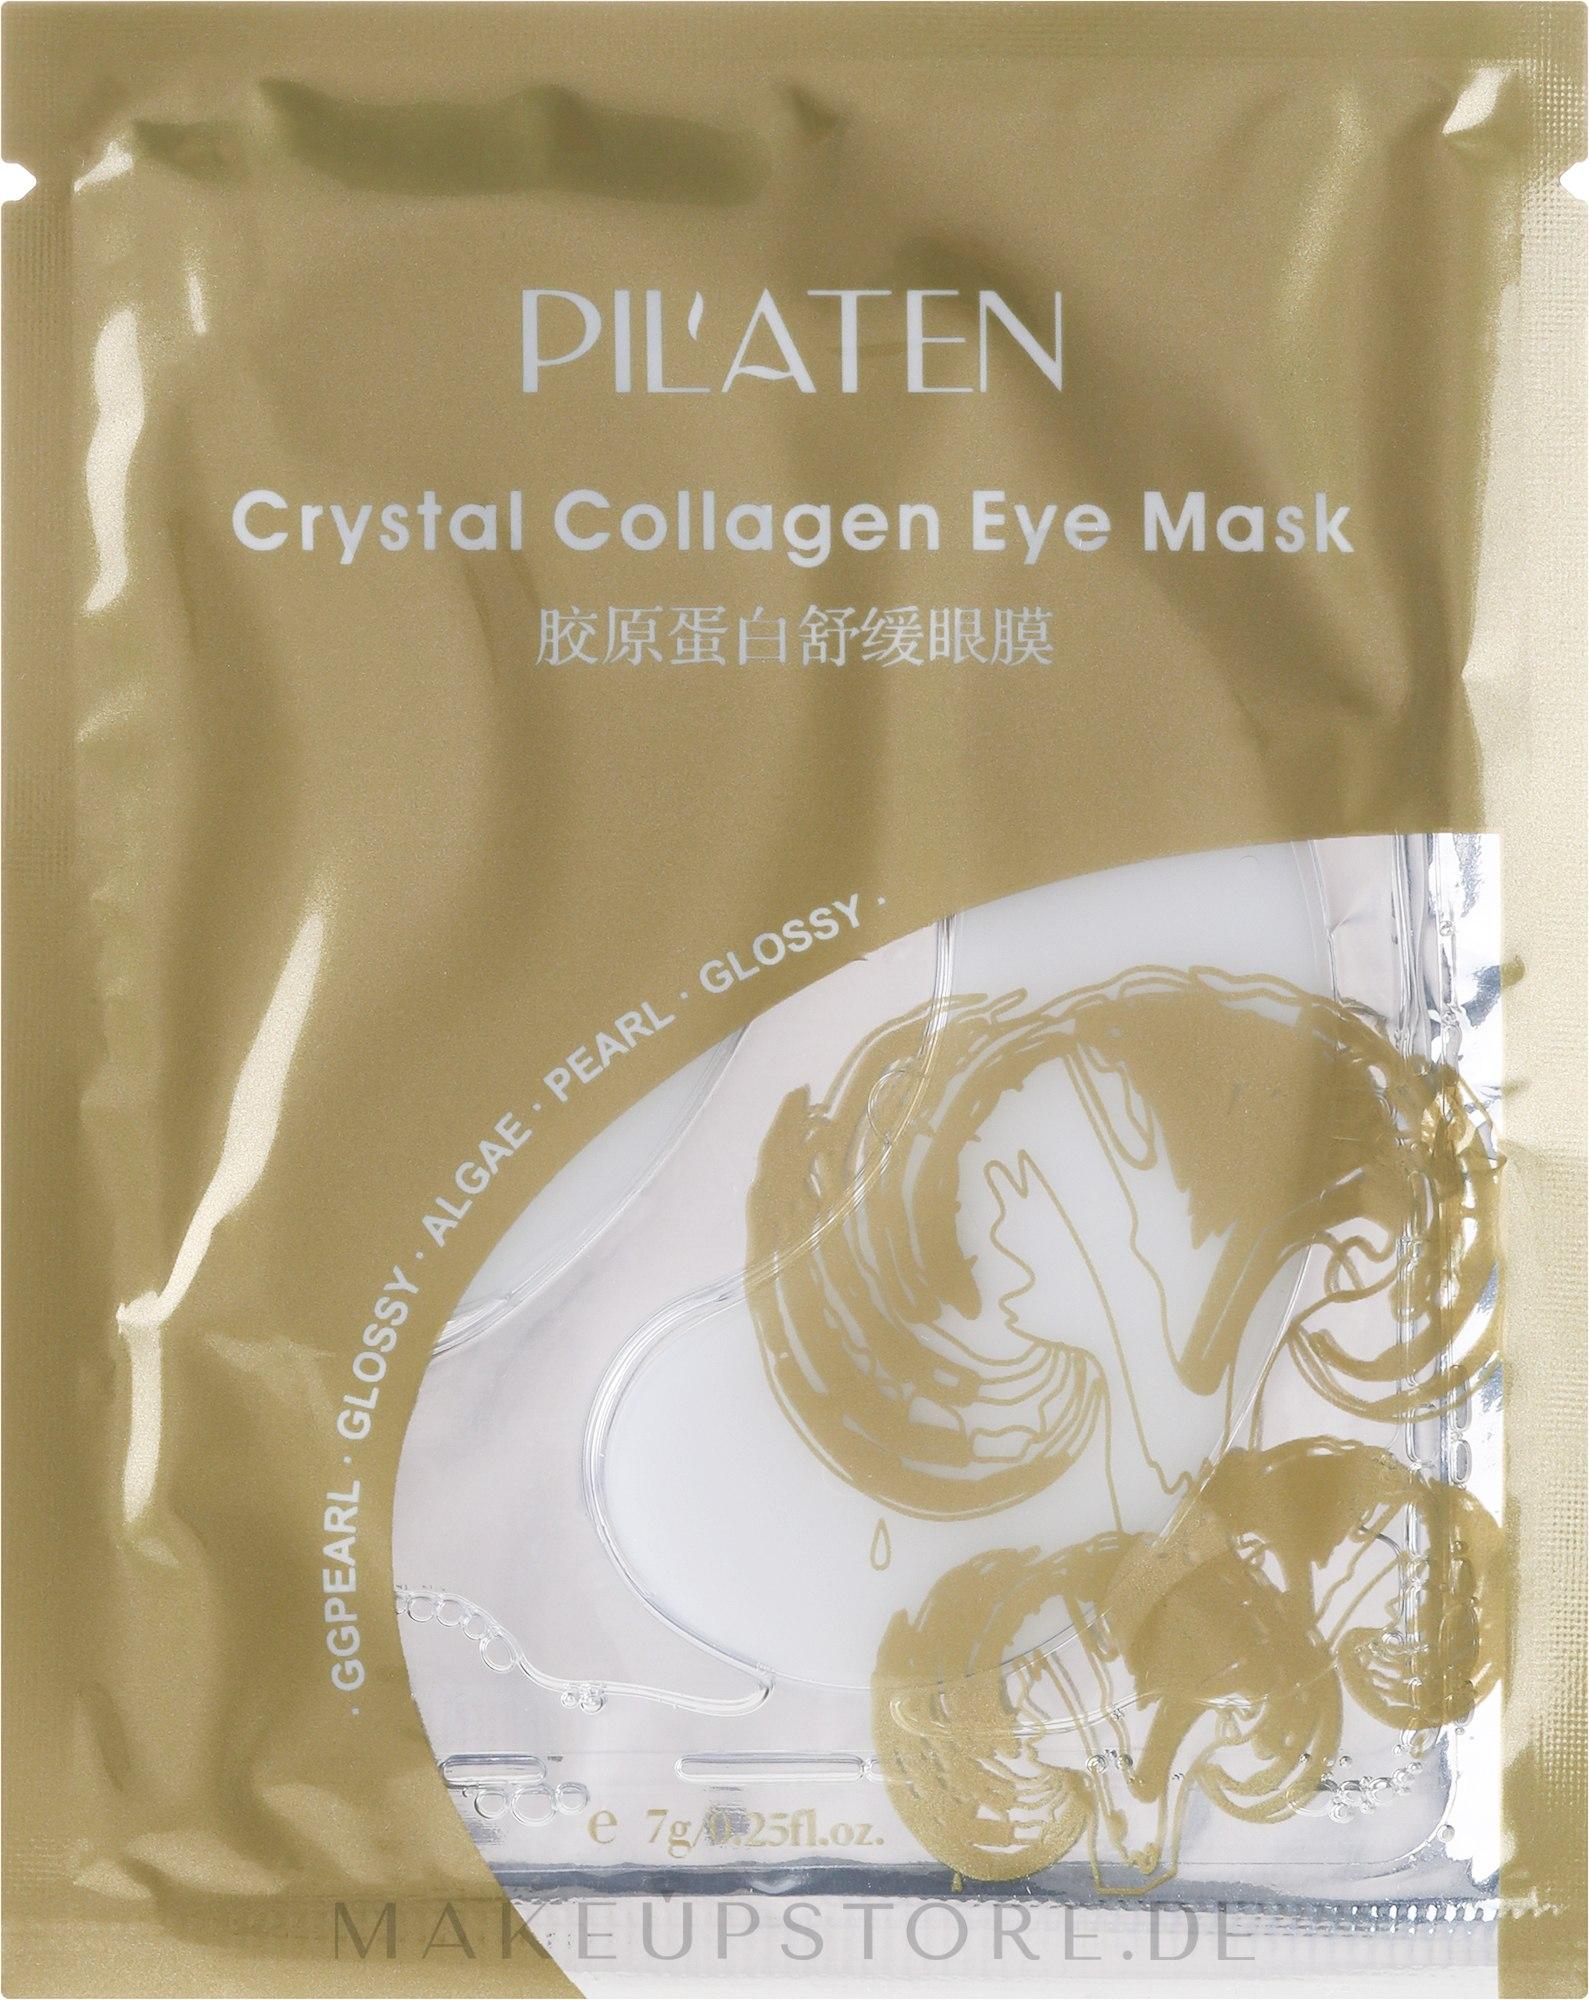 Algenmaske für die Augenpartie mit Kollagen - Pil'aten Crystal Collagen Eye Mask — Bild 7 g